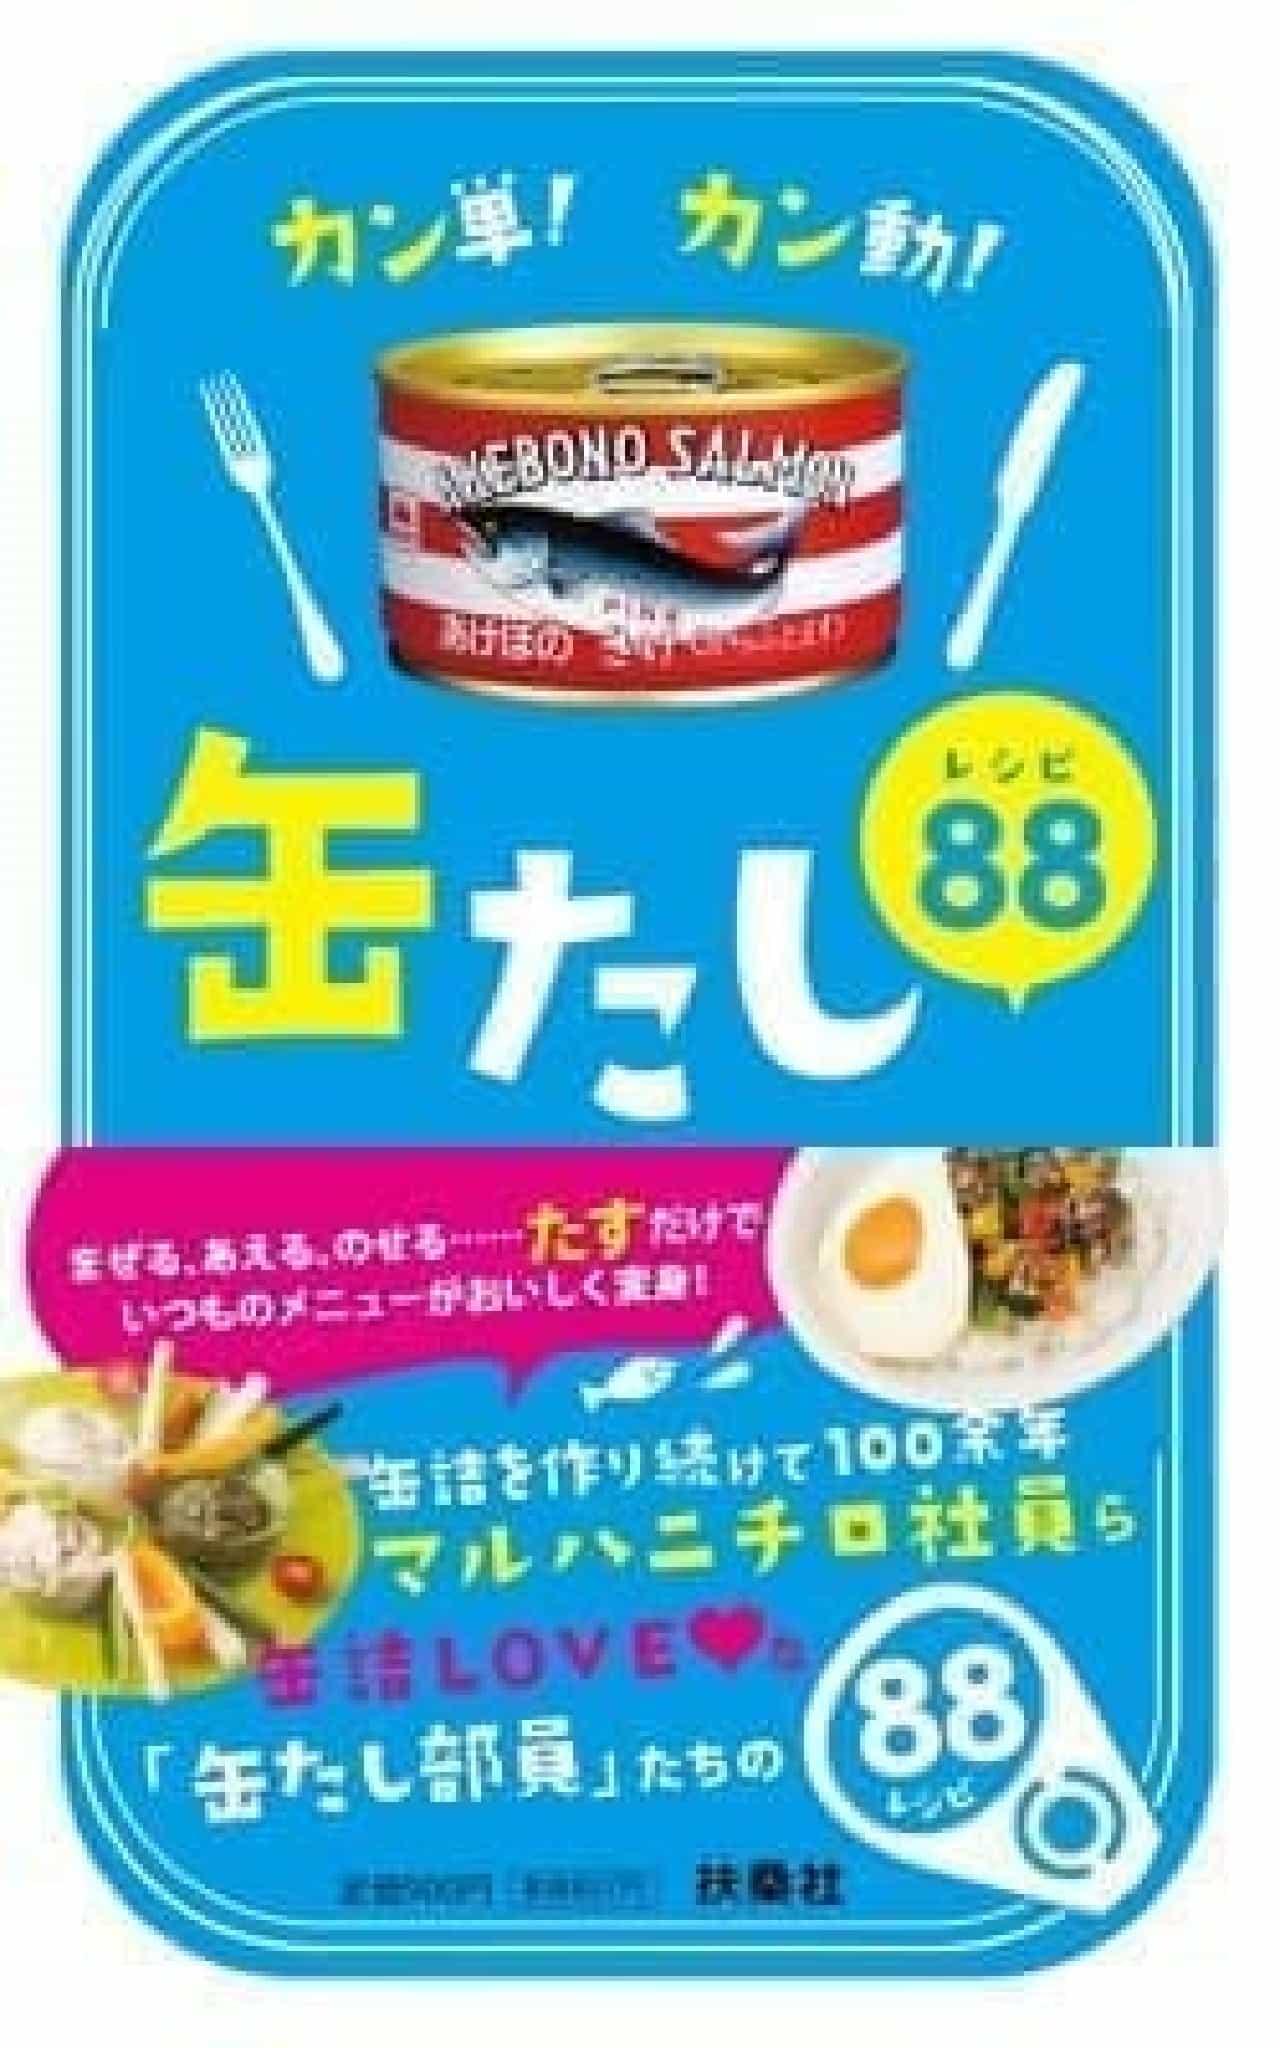 「カン単!カン動!缶たしレシピ88」/扶桑社